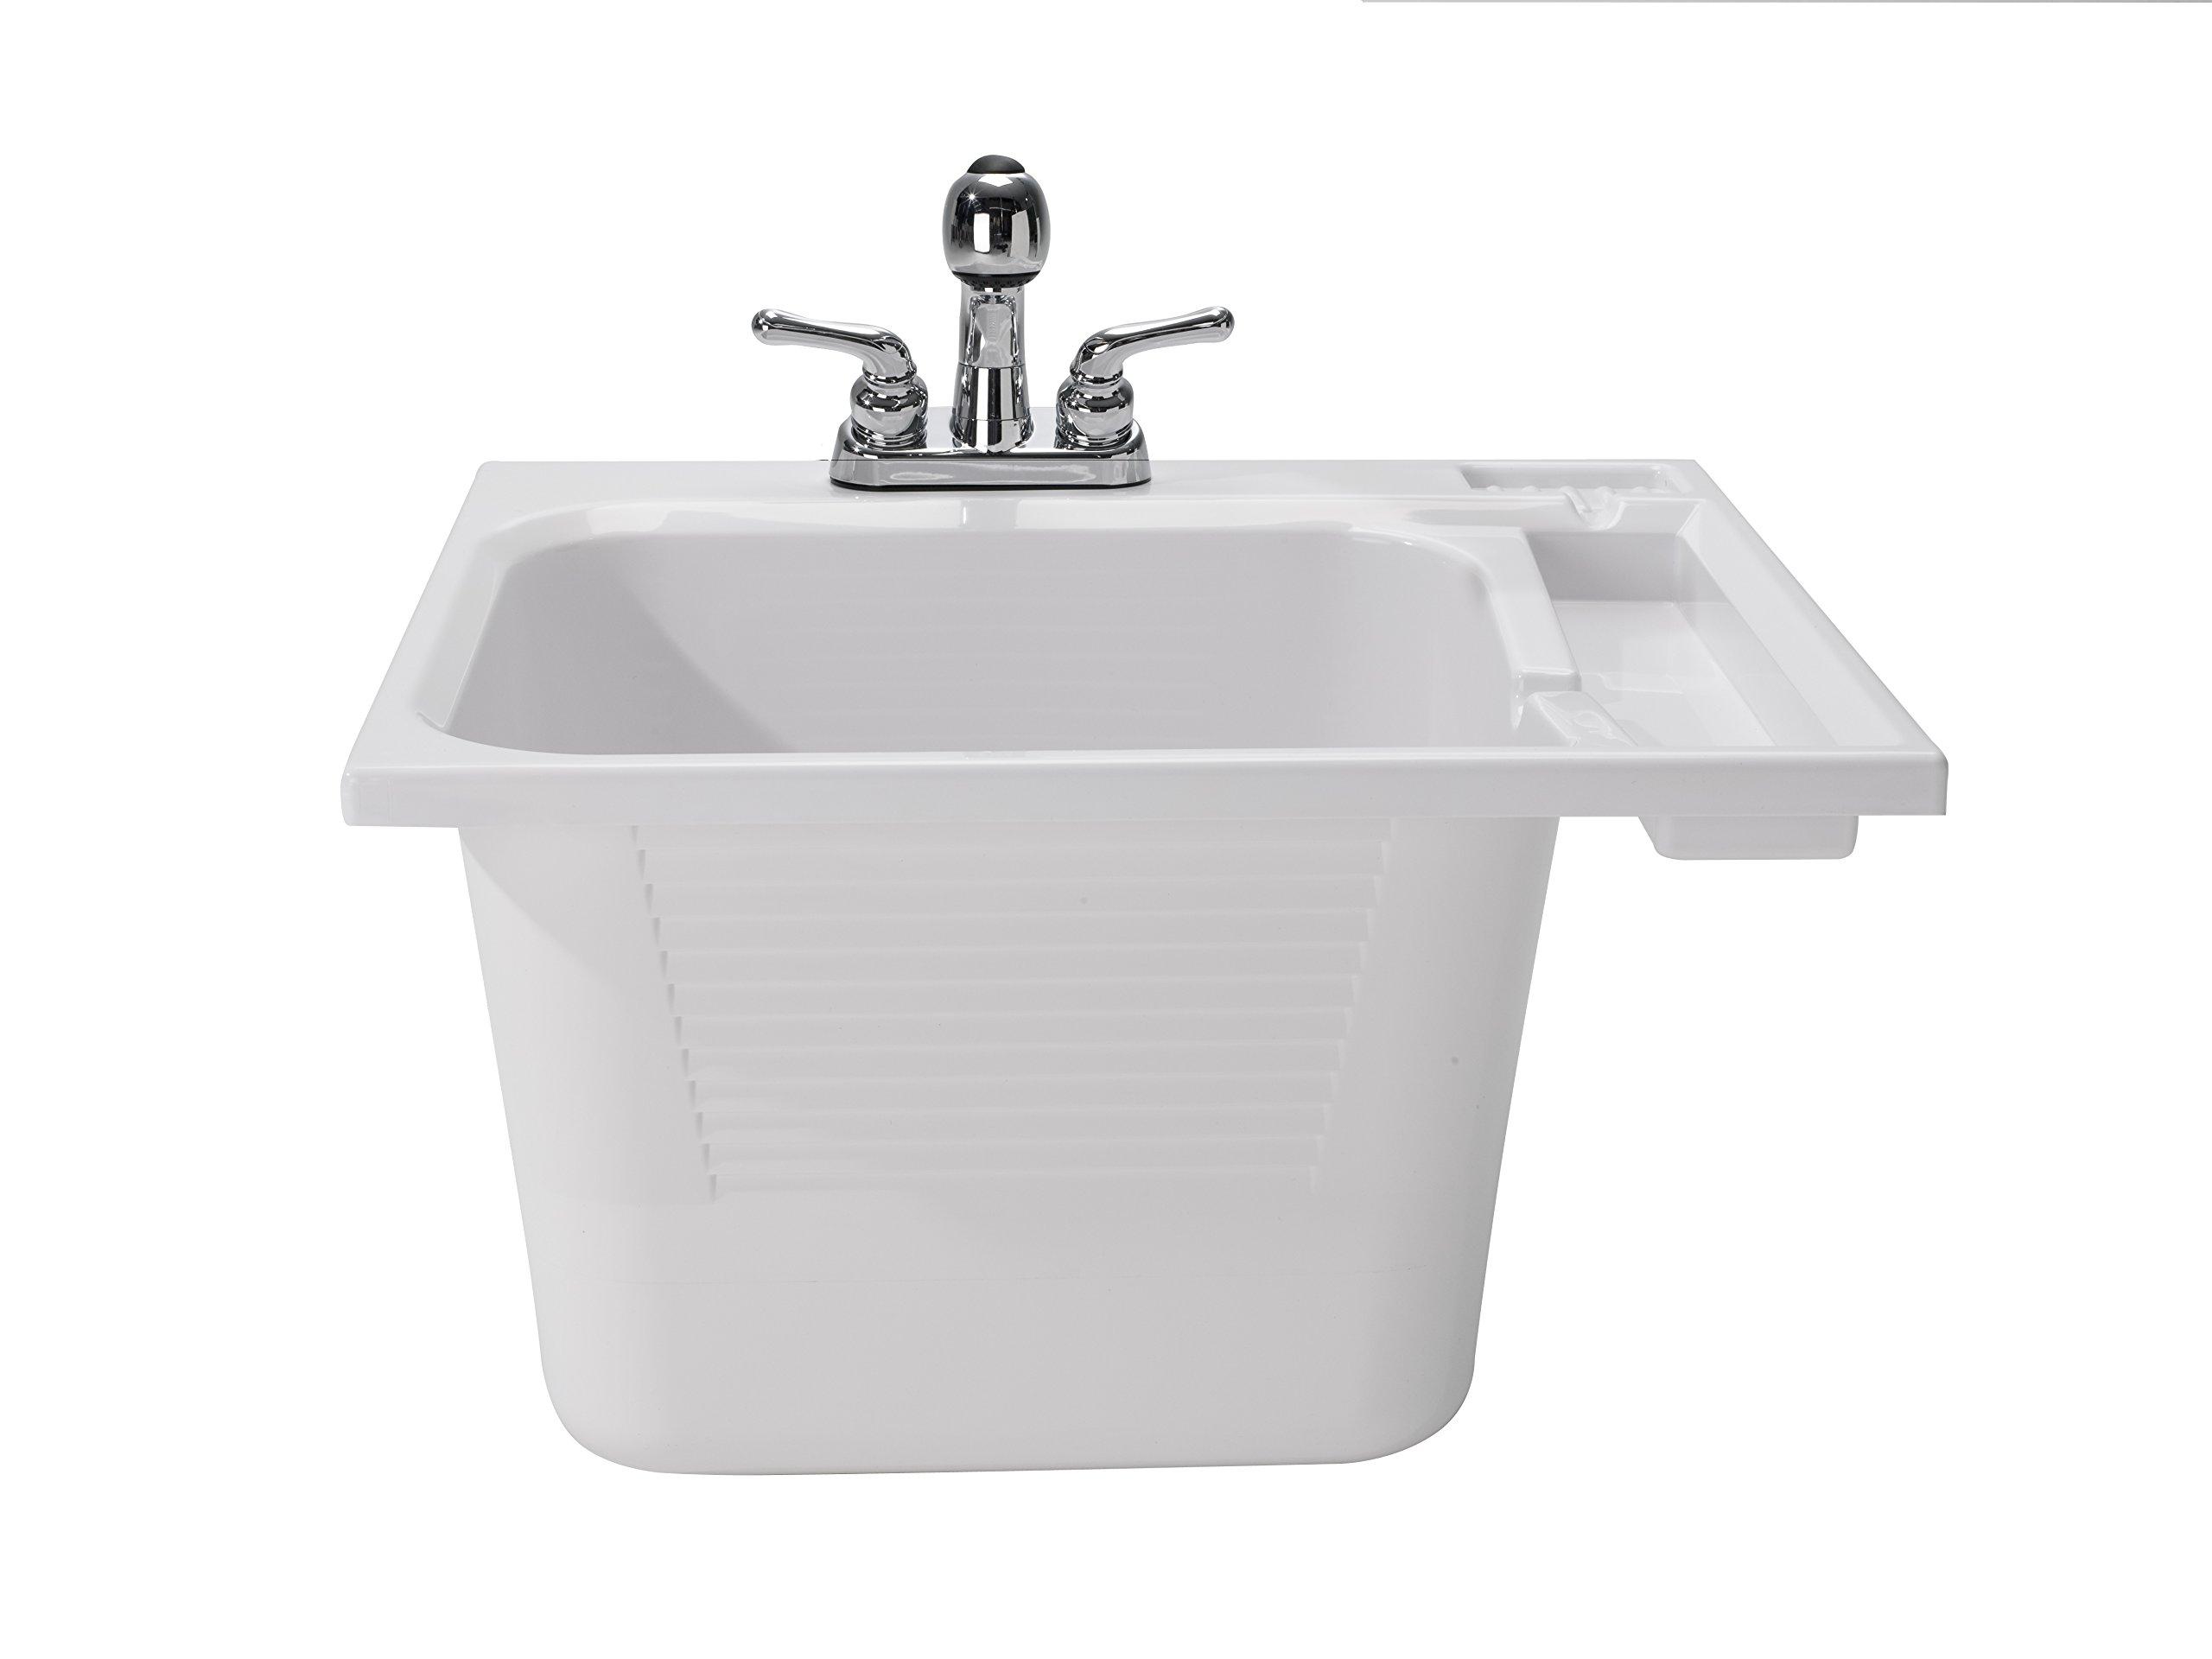 CASHEL 1970-33-01 Drop-In Sink - Fully Loaded Sink Kit, White